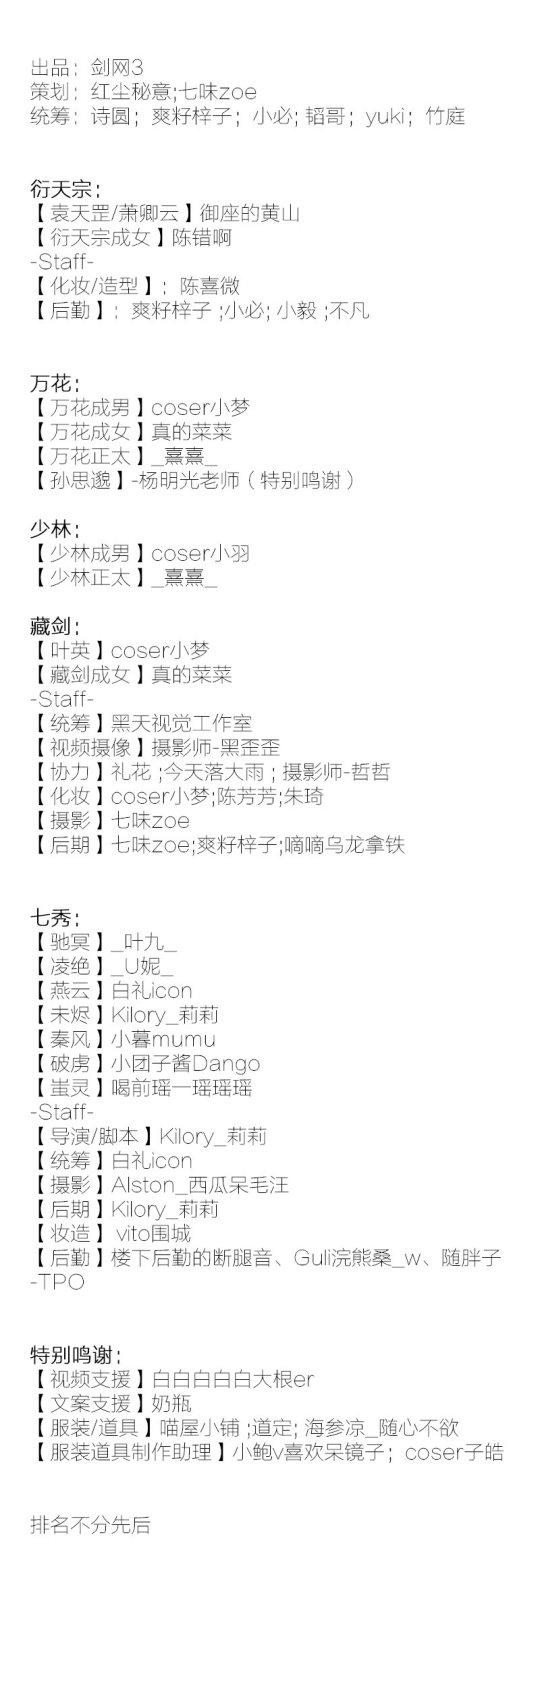 《【天游平台网站】群侠聚义奔赴前线 《剑网3》官方COS与君共勉迎战乱劫》